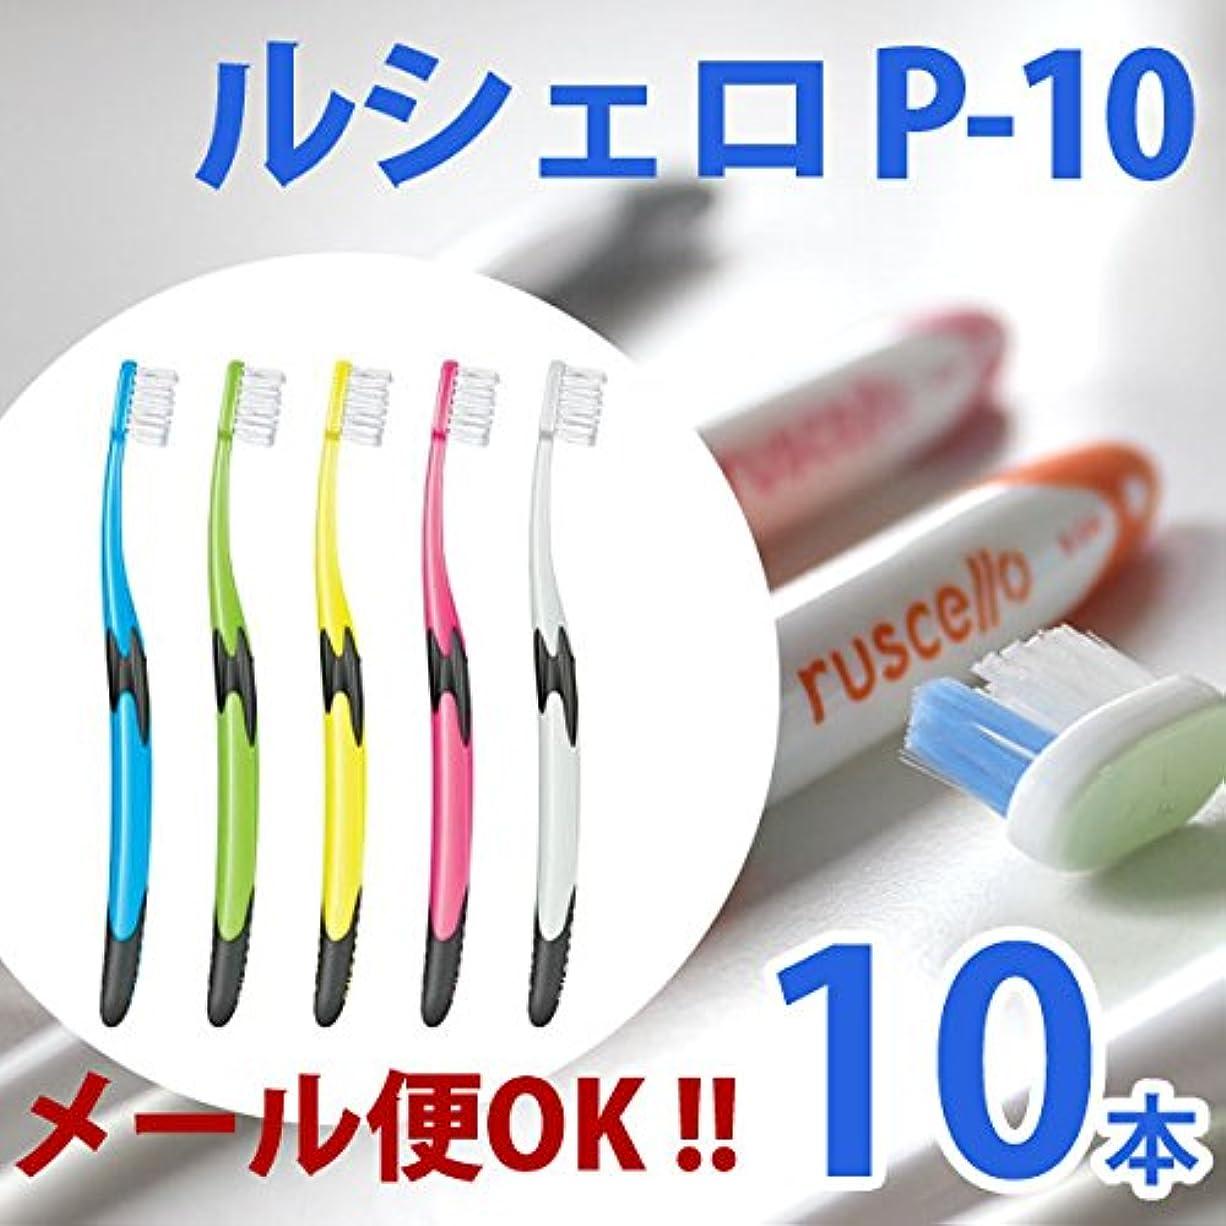 スクレーパー不機嫌牛ルシェロ GCシェロ 歯ブラシP-10 5色アソート 10本セット 歯周疾患の方向け。極細のテーパー毛が M